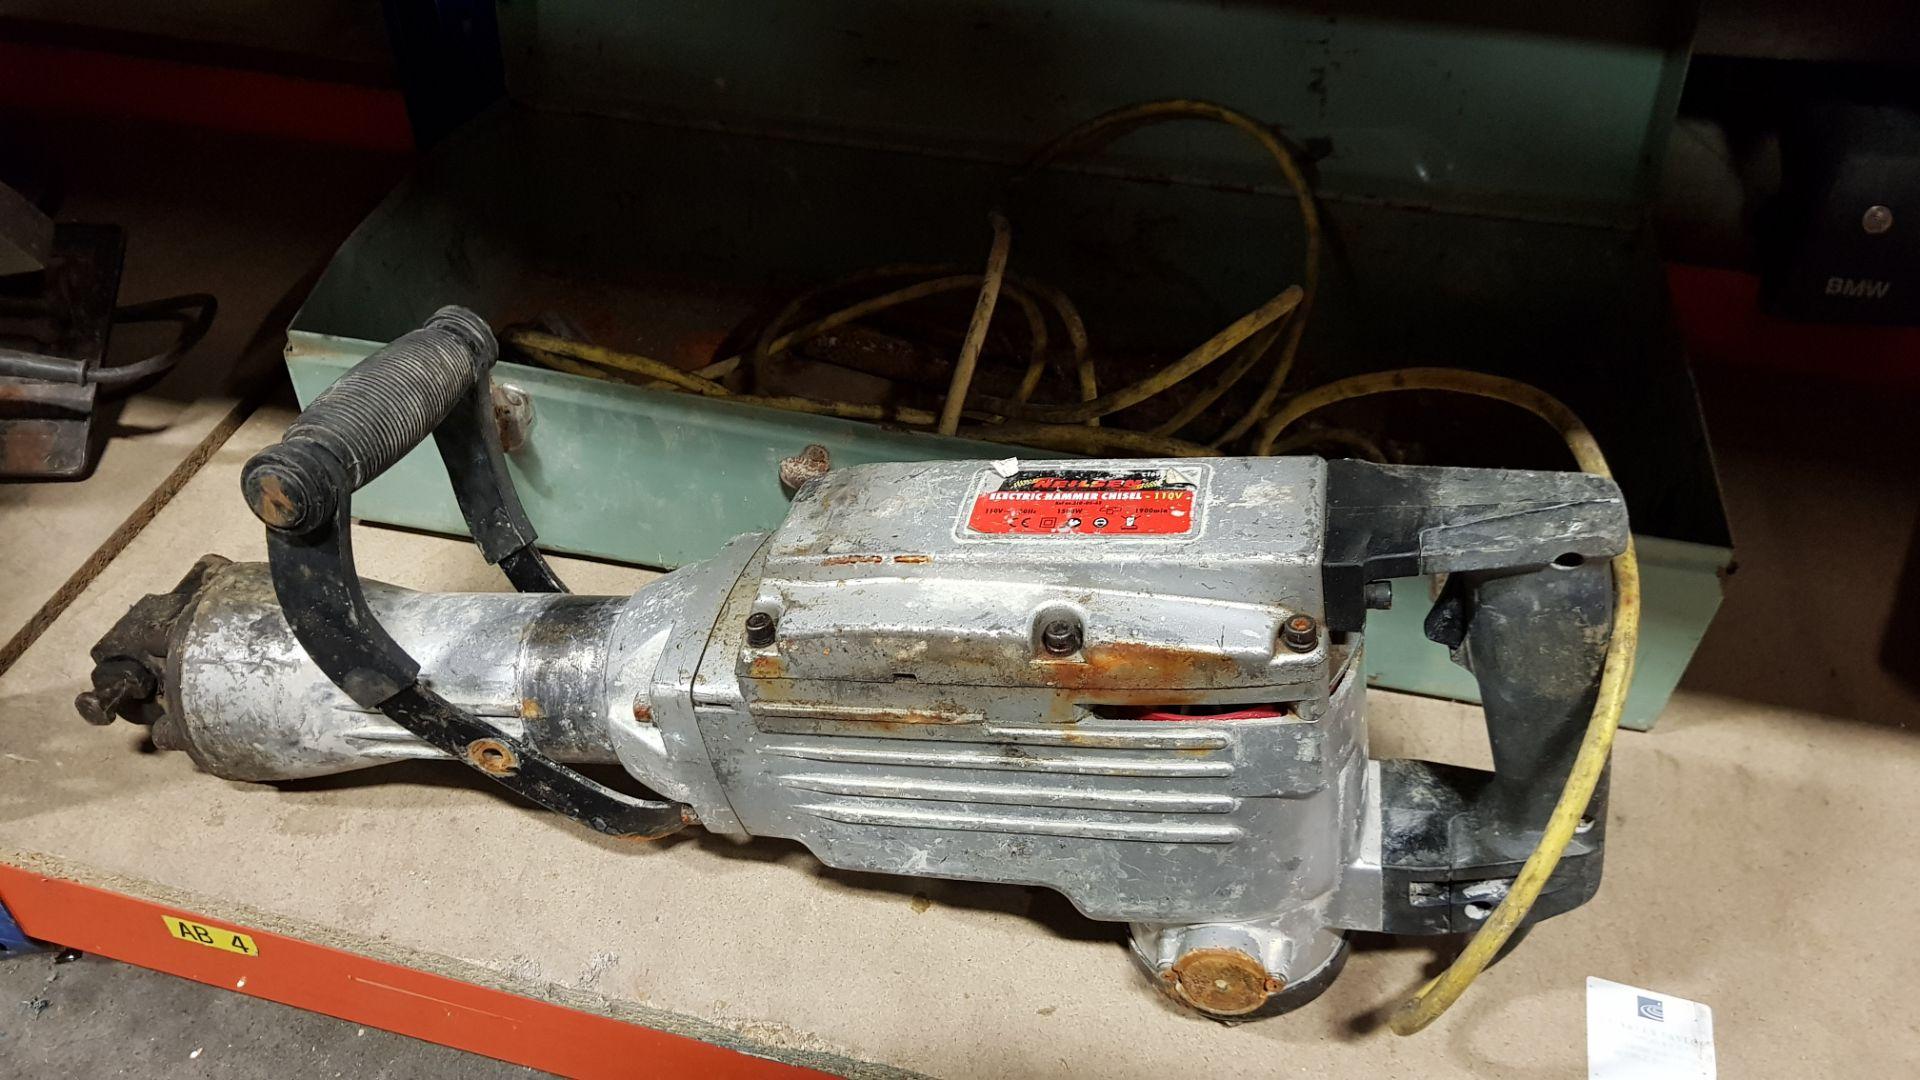 NEILSEN ELECTRIC HAMMER CHISEL 110V IN METAL CASE